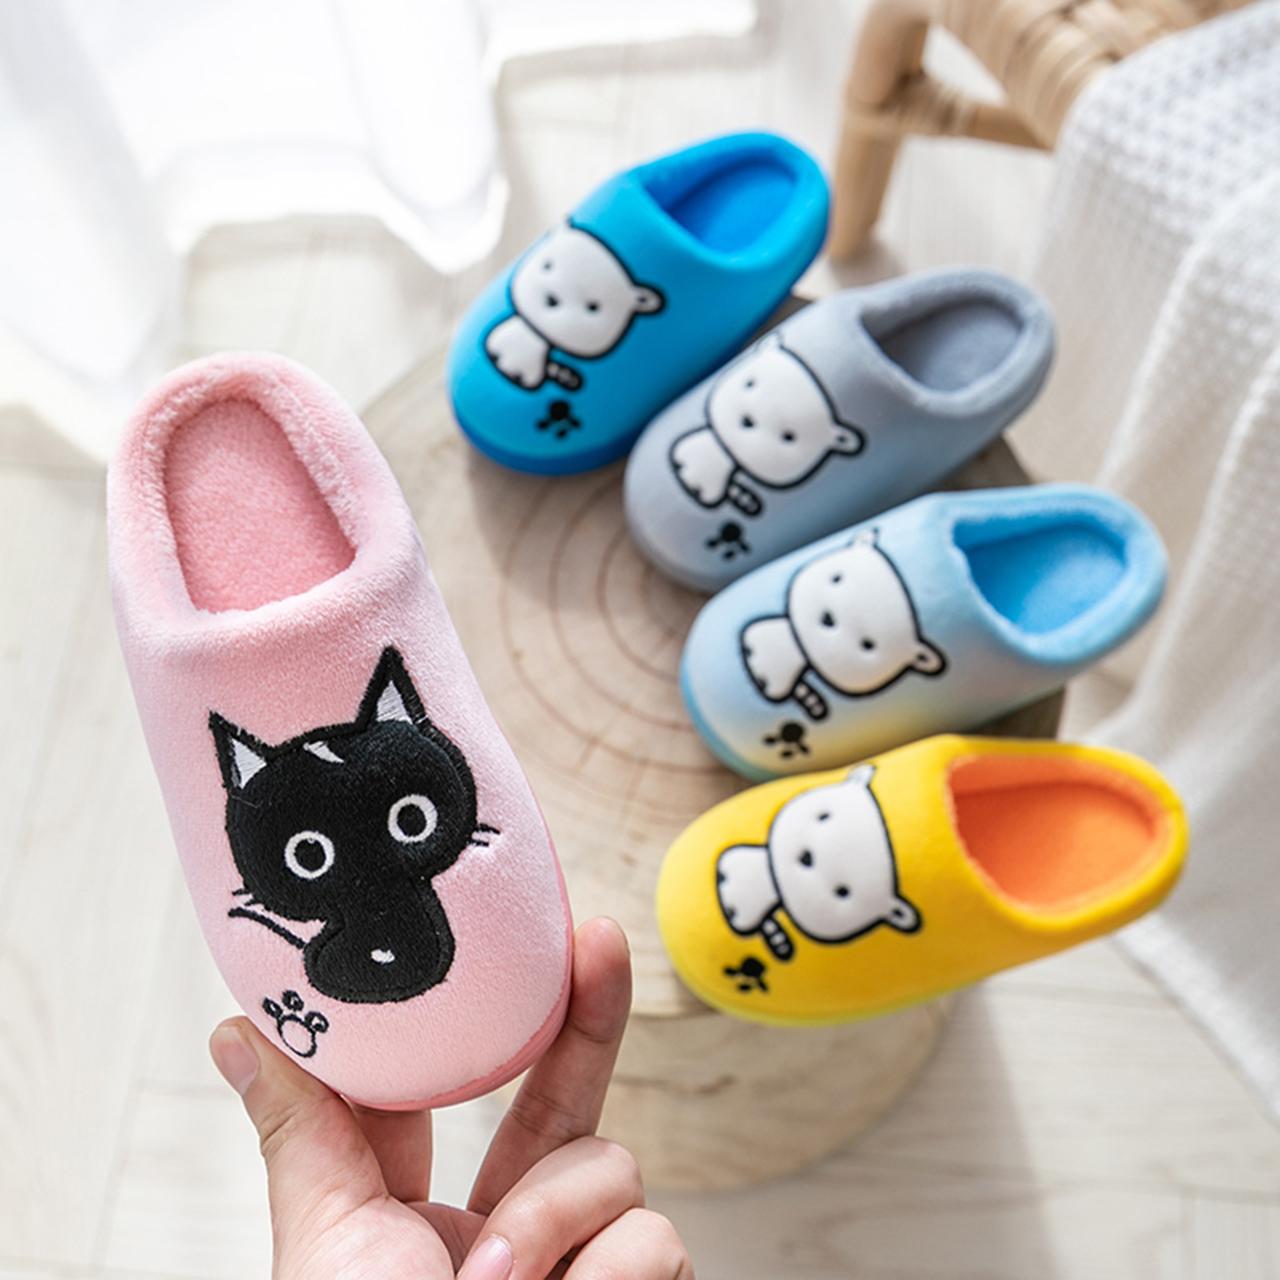 儿童棉拖鞋家居秋冬季防滑宝宝居家用室内男童女童保暖毛棉鞋冬天图片